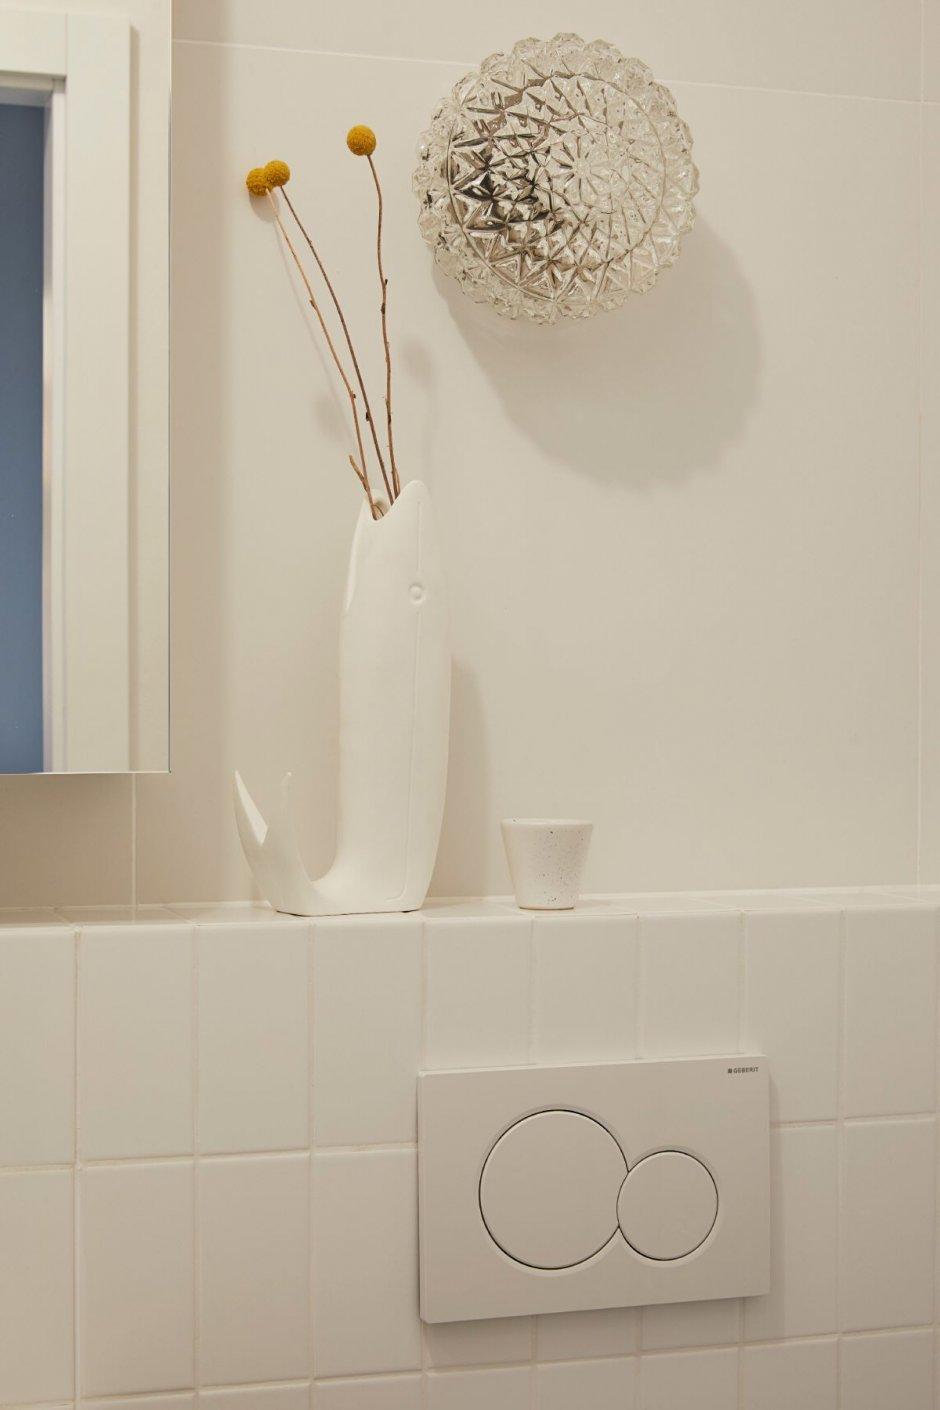 wrzeciono jam kolektyw bathroom 04 fot jola skora